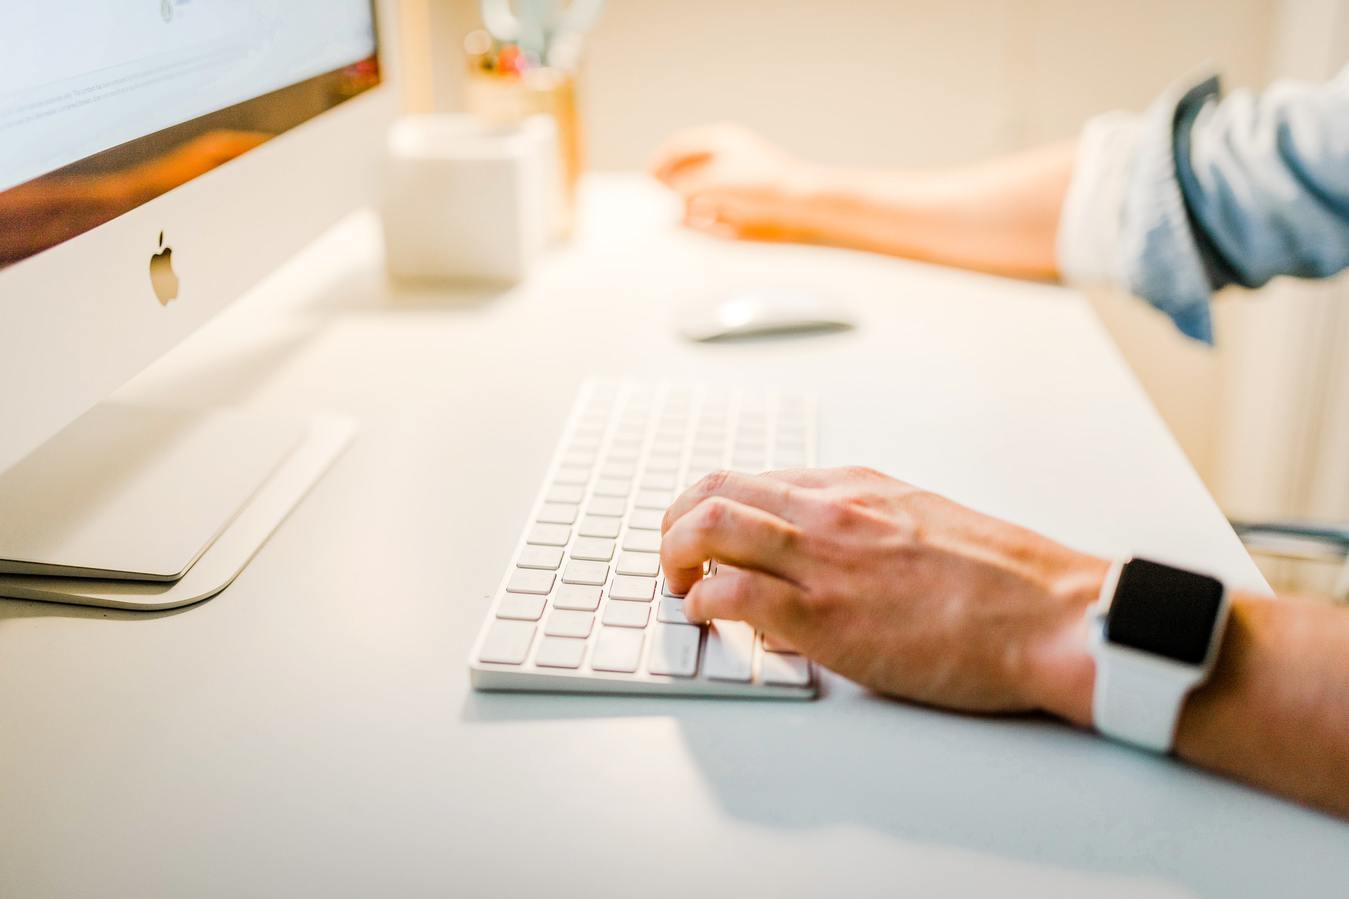 Un homme qui travaille sur un ordinateur de bureau pour gagner de l'argent en ligne